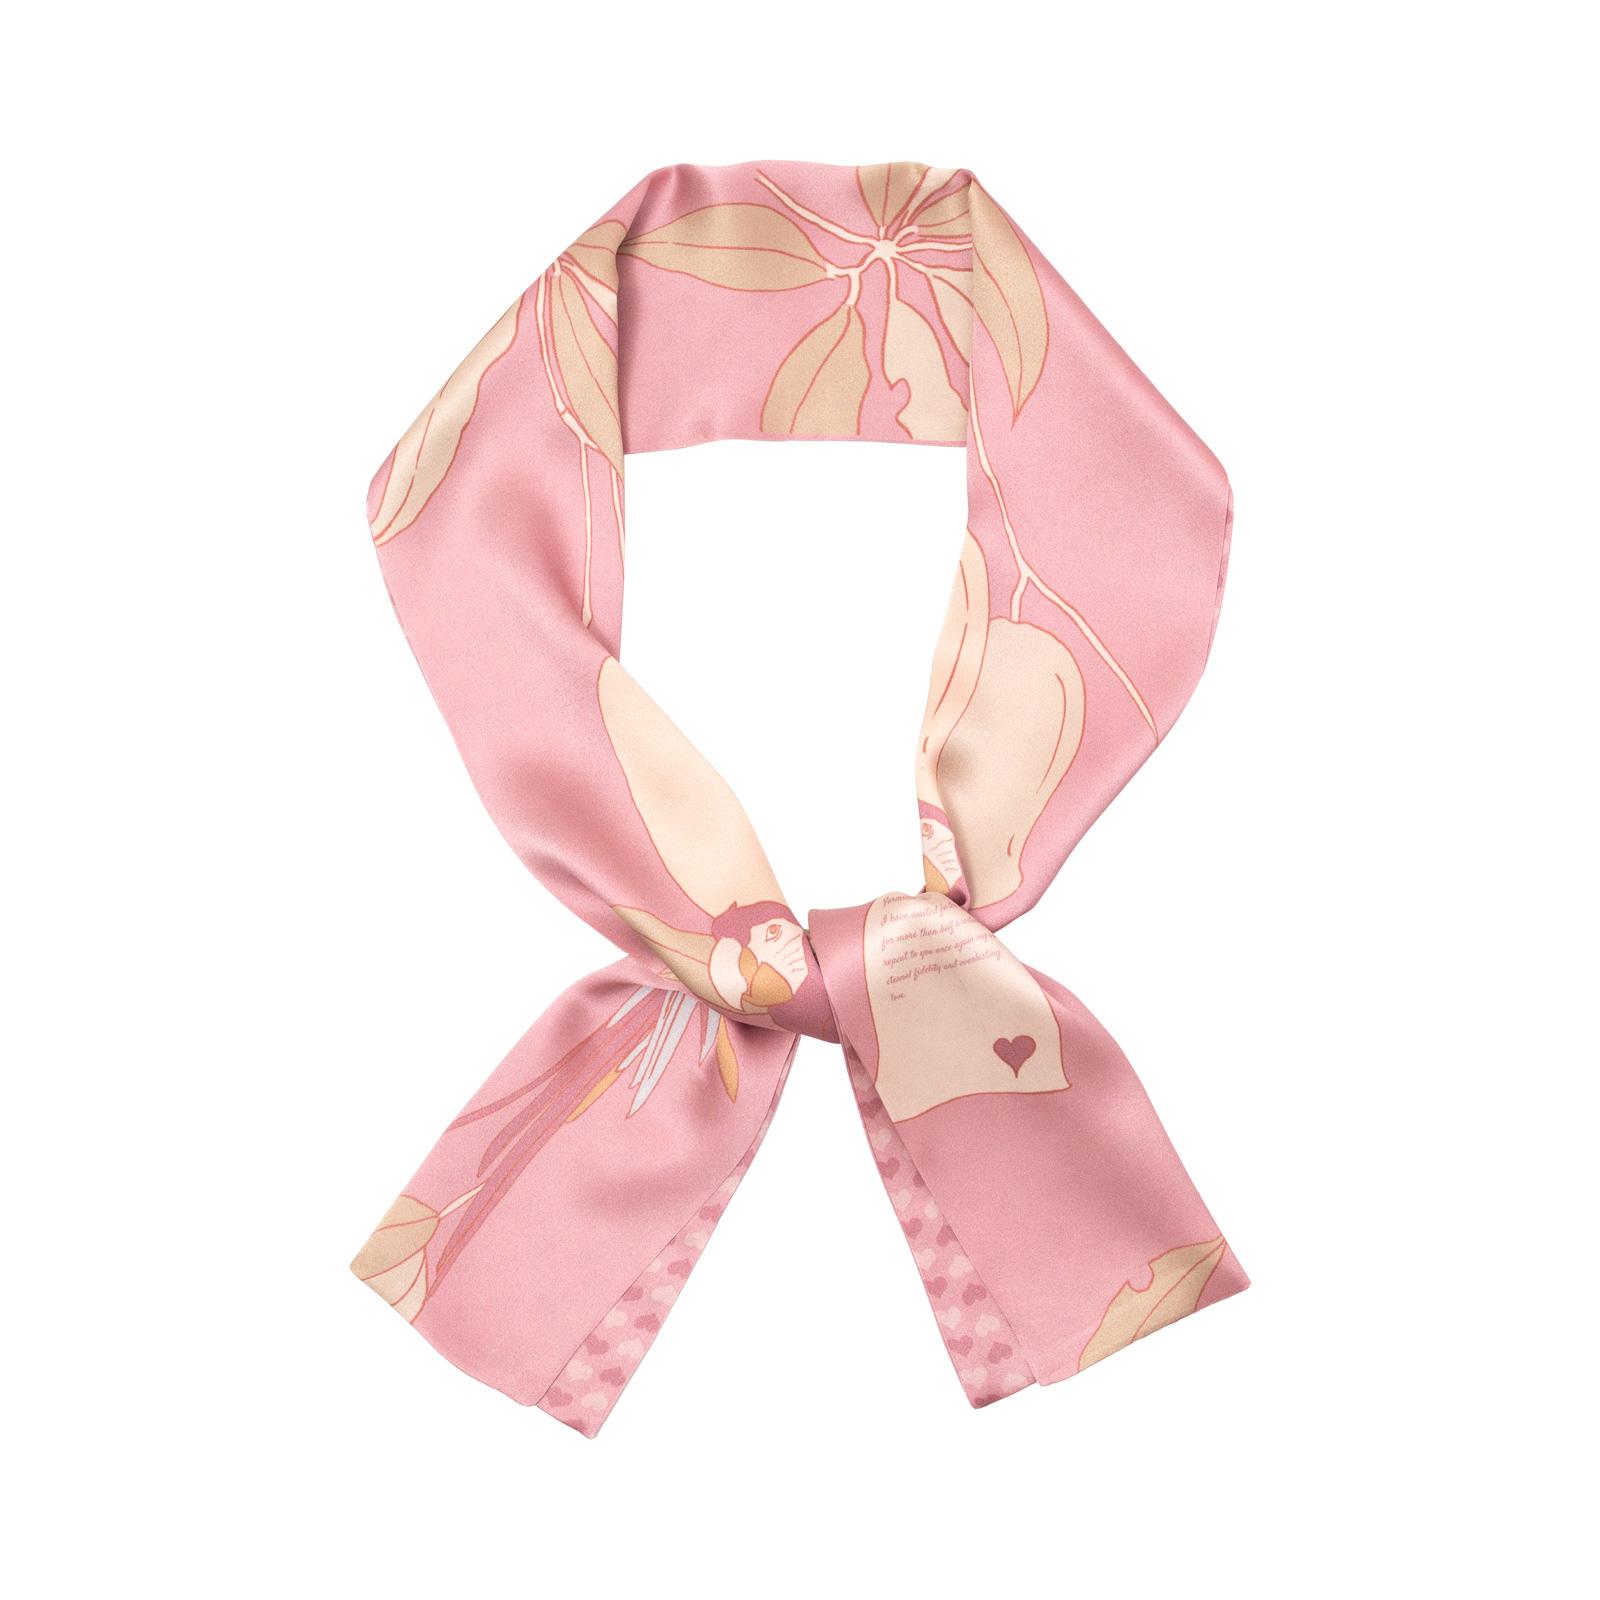 双成记加西亚系列鹦鹉情书印花真丝缎面领巾双面浅玫瑰色丝巾优雅